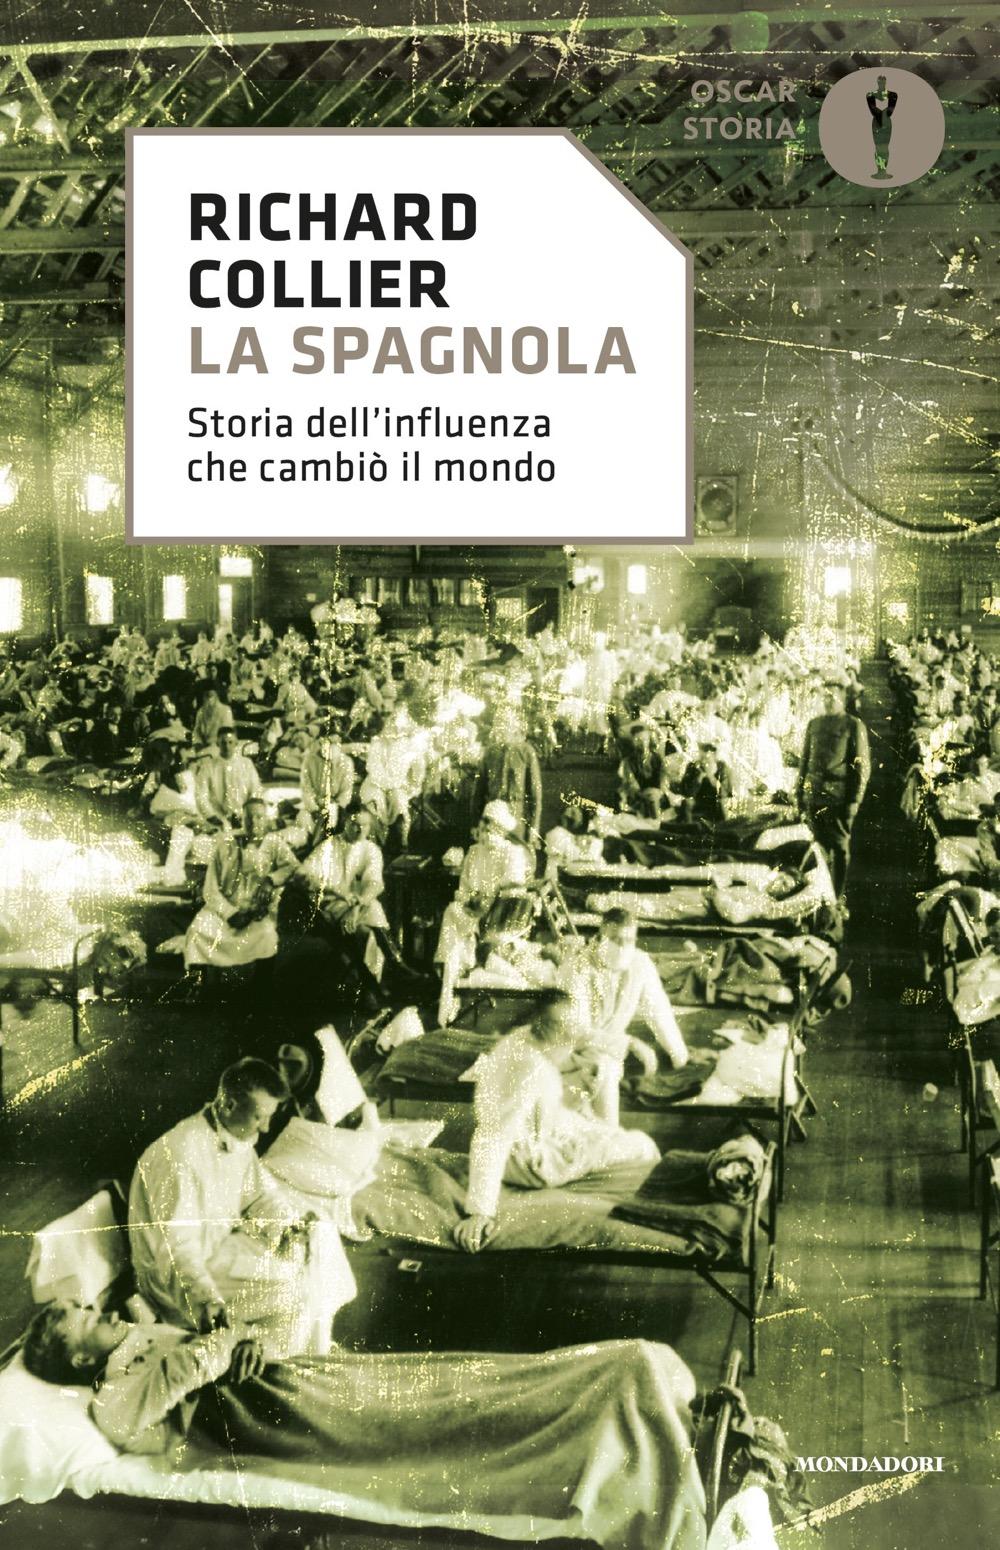 Oscar Storia: storiografia e libri di storia   Oscar Mondadori